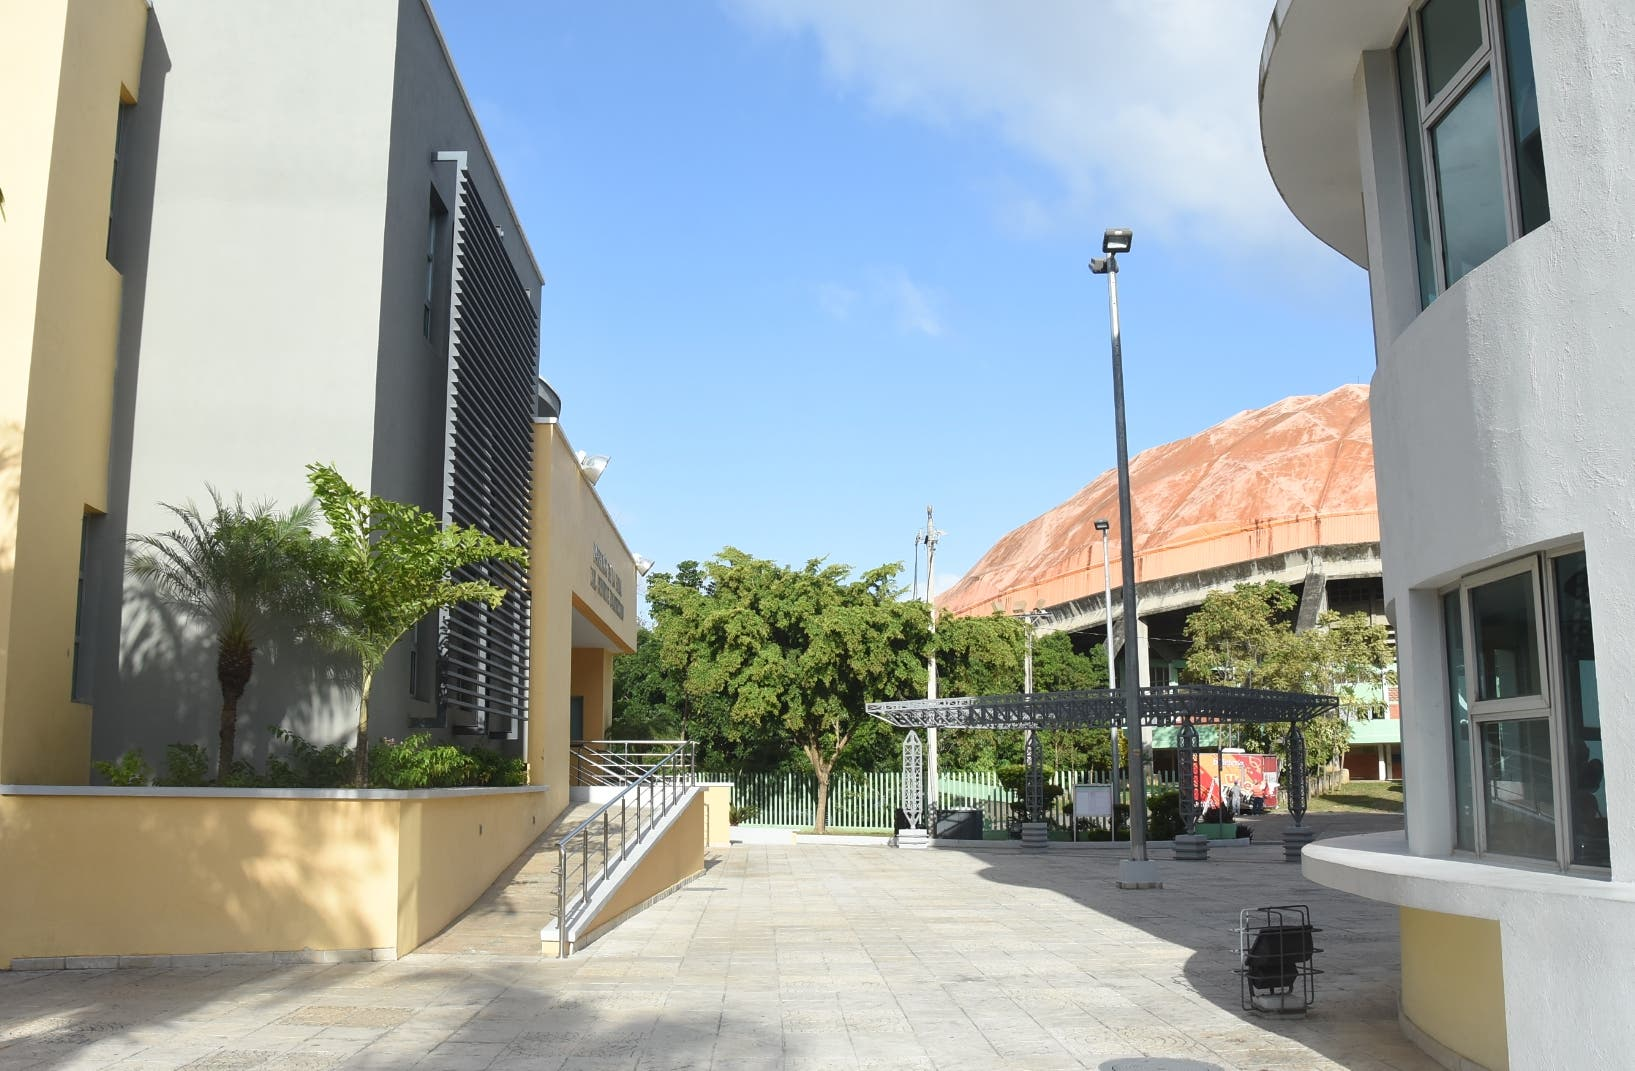 En la gráfica se observan los pabellones del Museo del Deporte Dominicano, (izquierda), el del Salón de la Fama, dos de las últimas obras construidas  en el Centro Olímpico  y al fondo el Palacio de los Deportes.  Alberto Calvo.